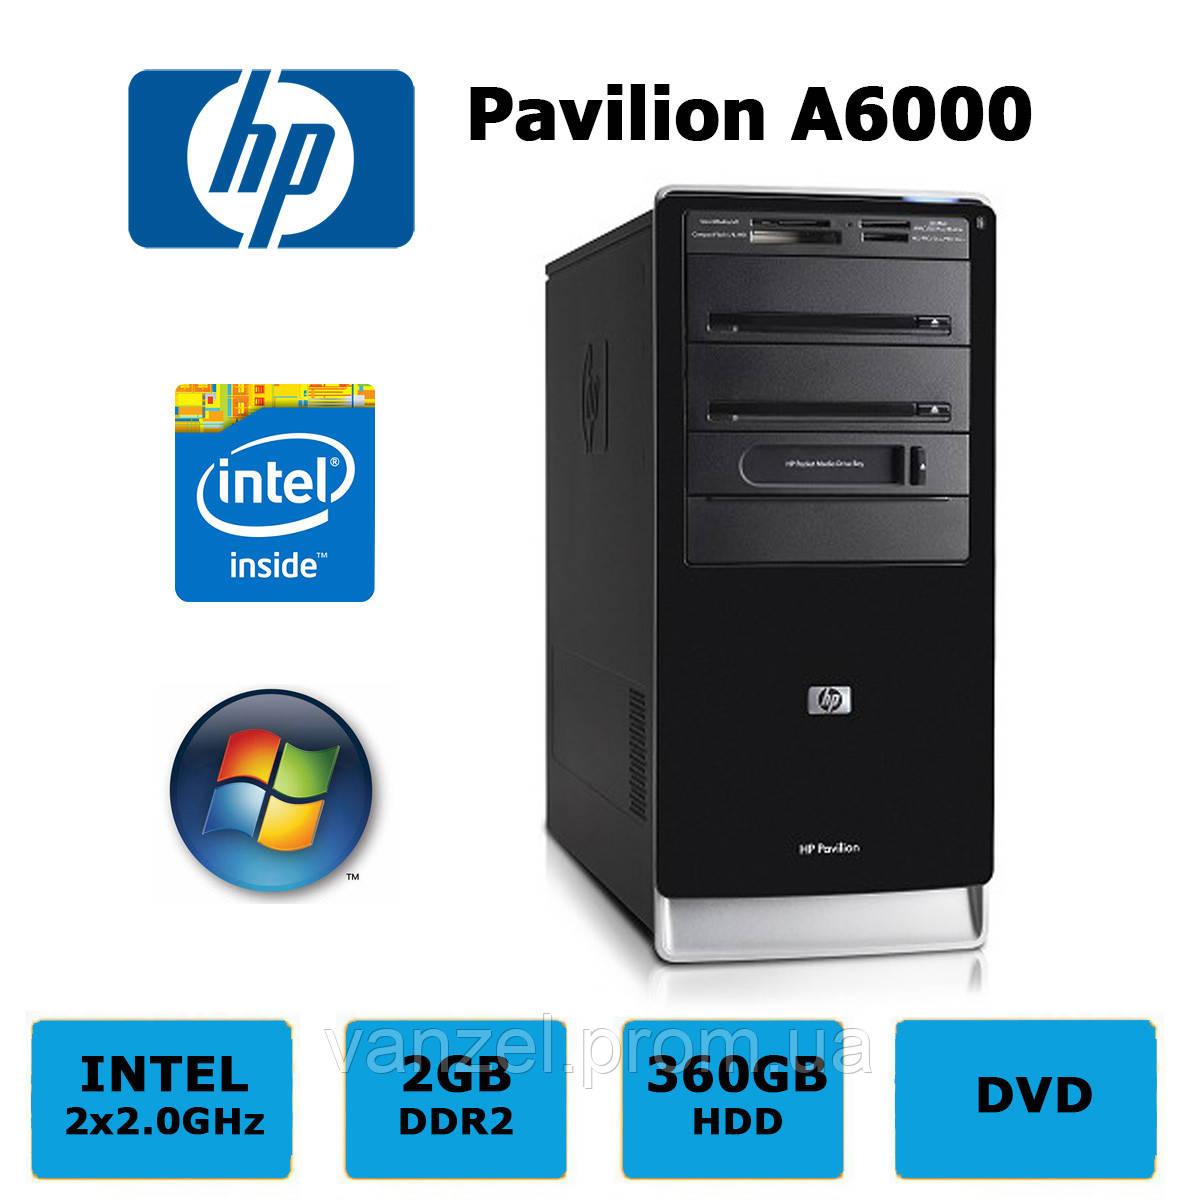 HP Pavilion A6000 - 2 ЯДРА 2x2 0GHz /2GB RAM /360GB HDD: продажа, цена в  Херсоне  настольные компьютеры от